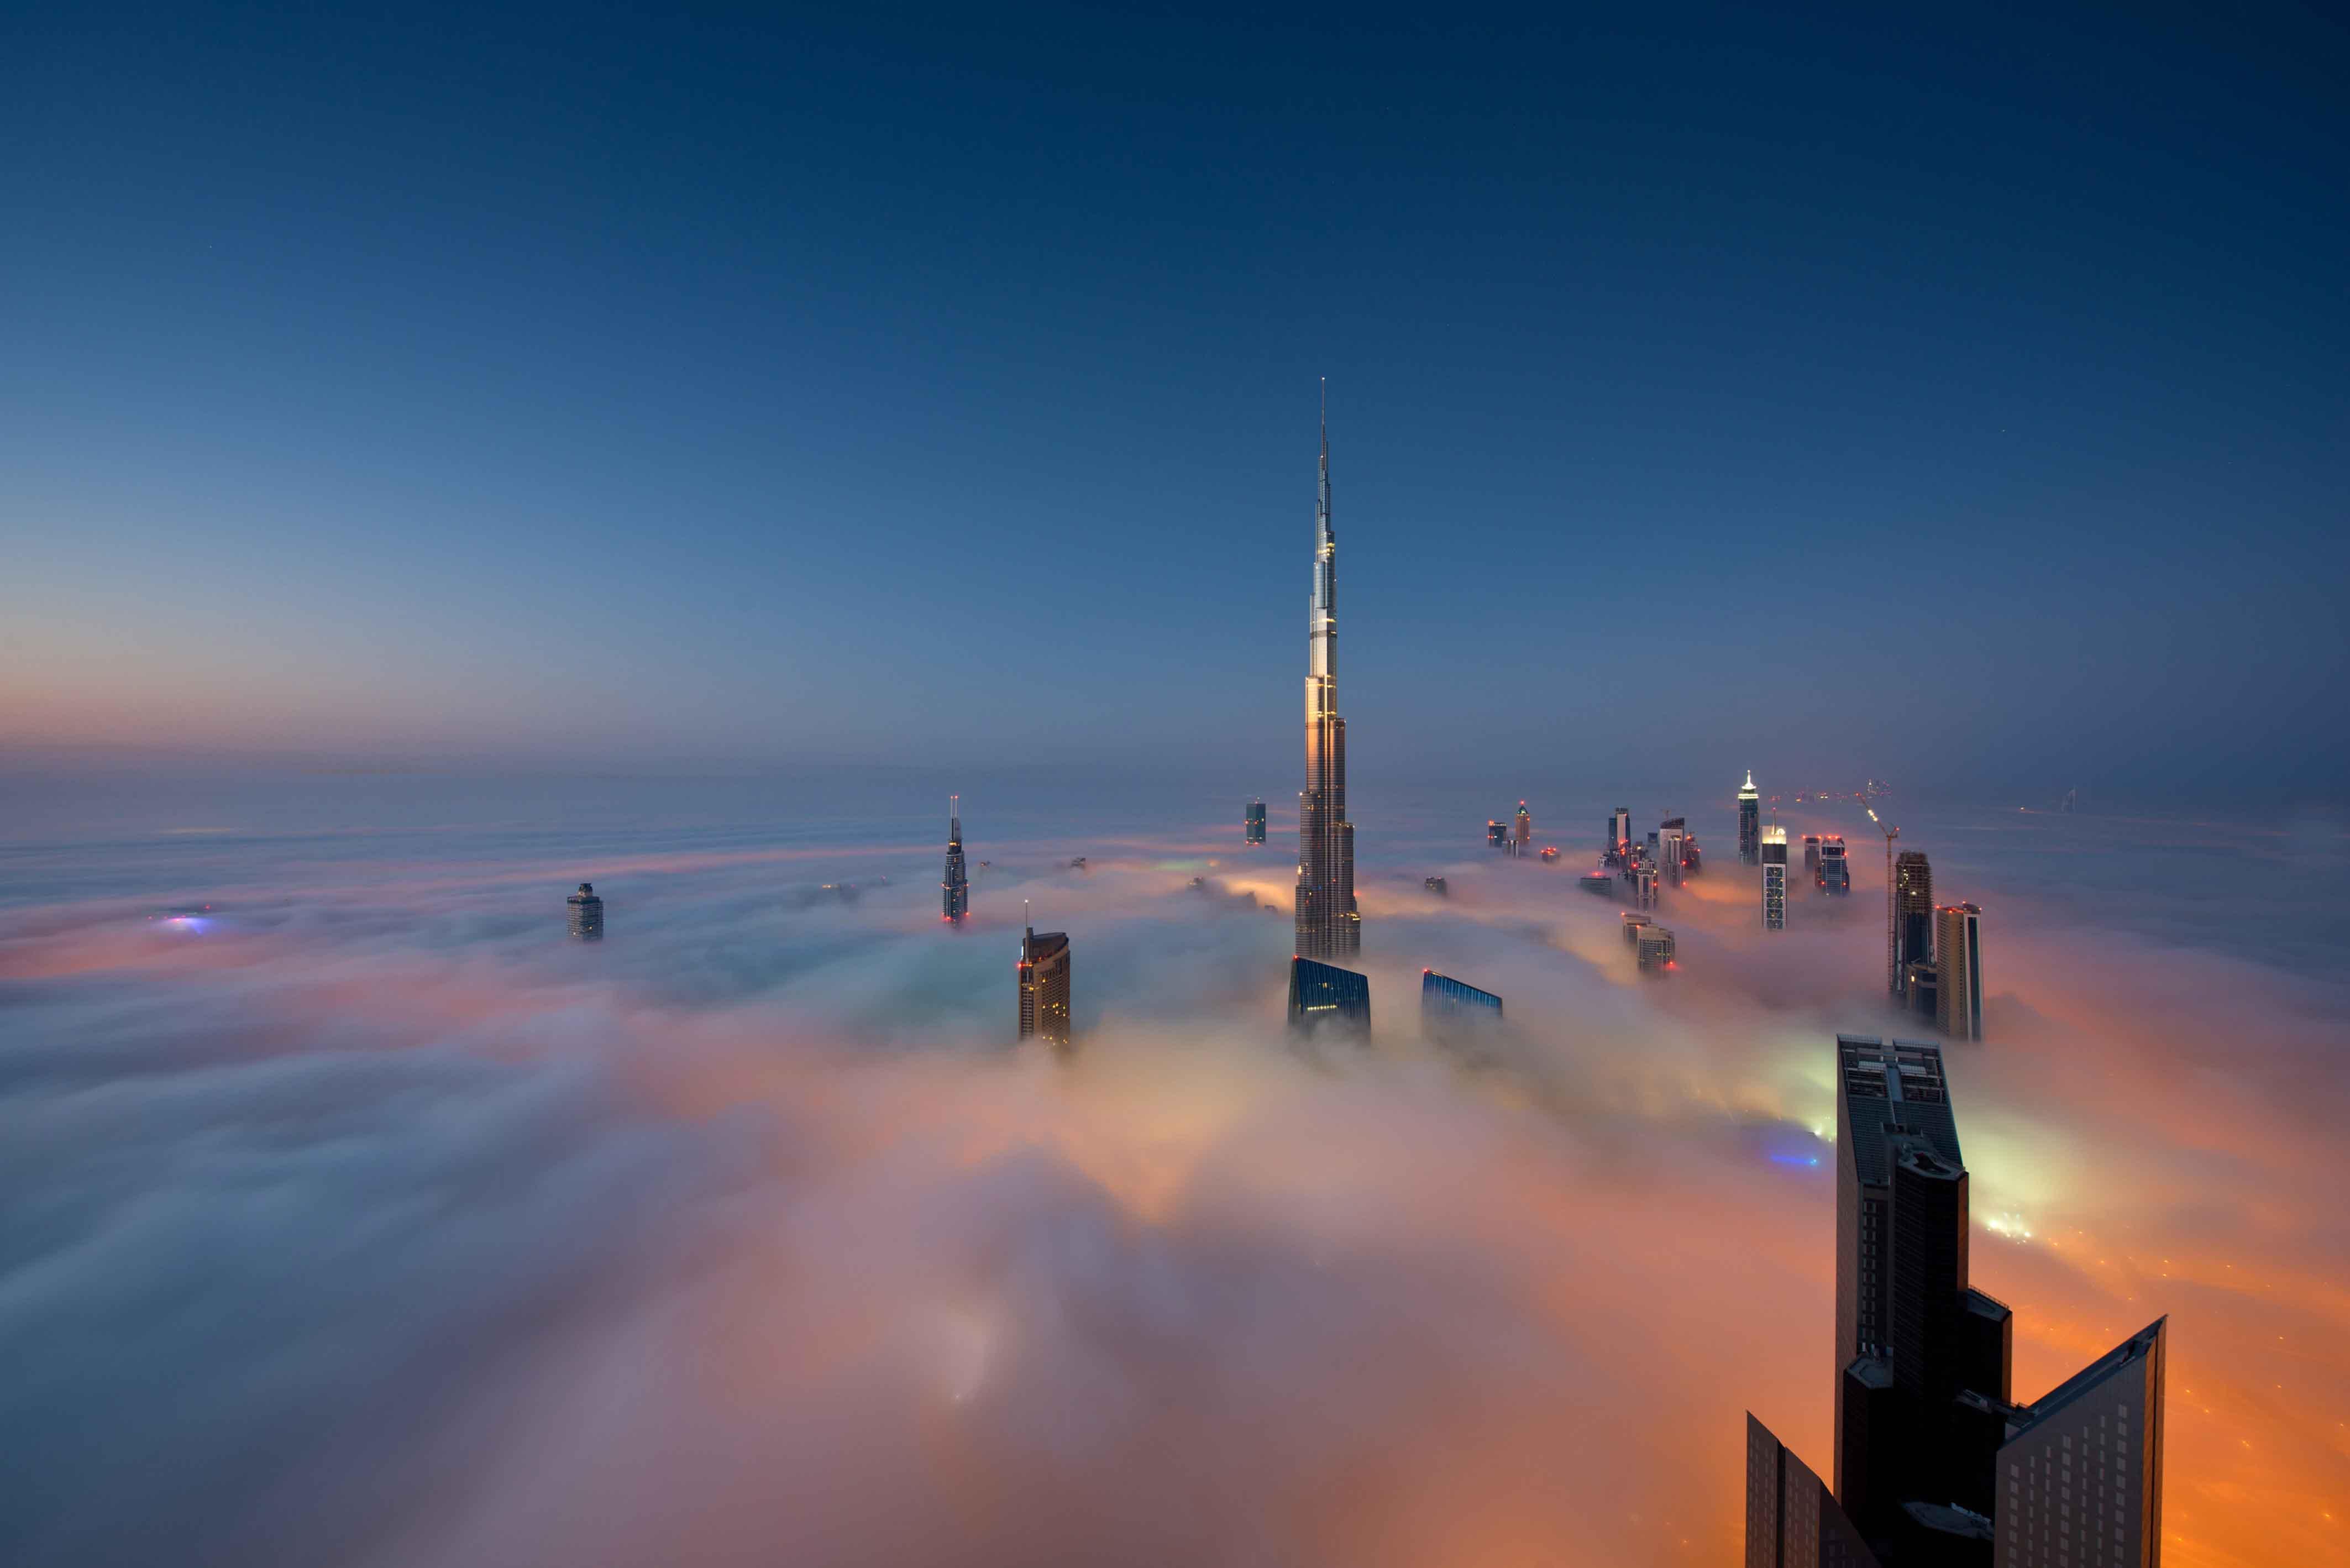 Дубай самое высокое здание в мире квартиры в аренду в дубае дешево